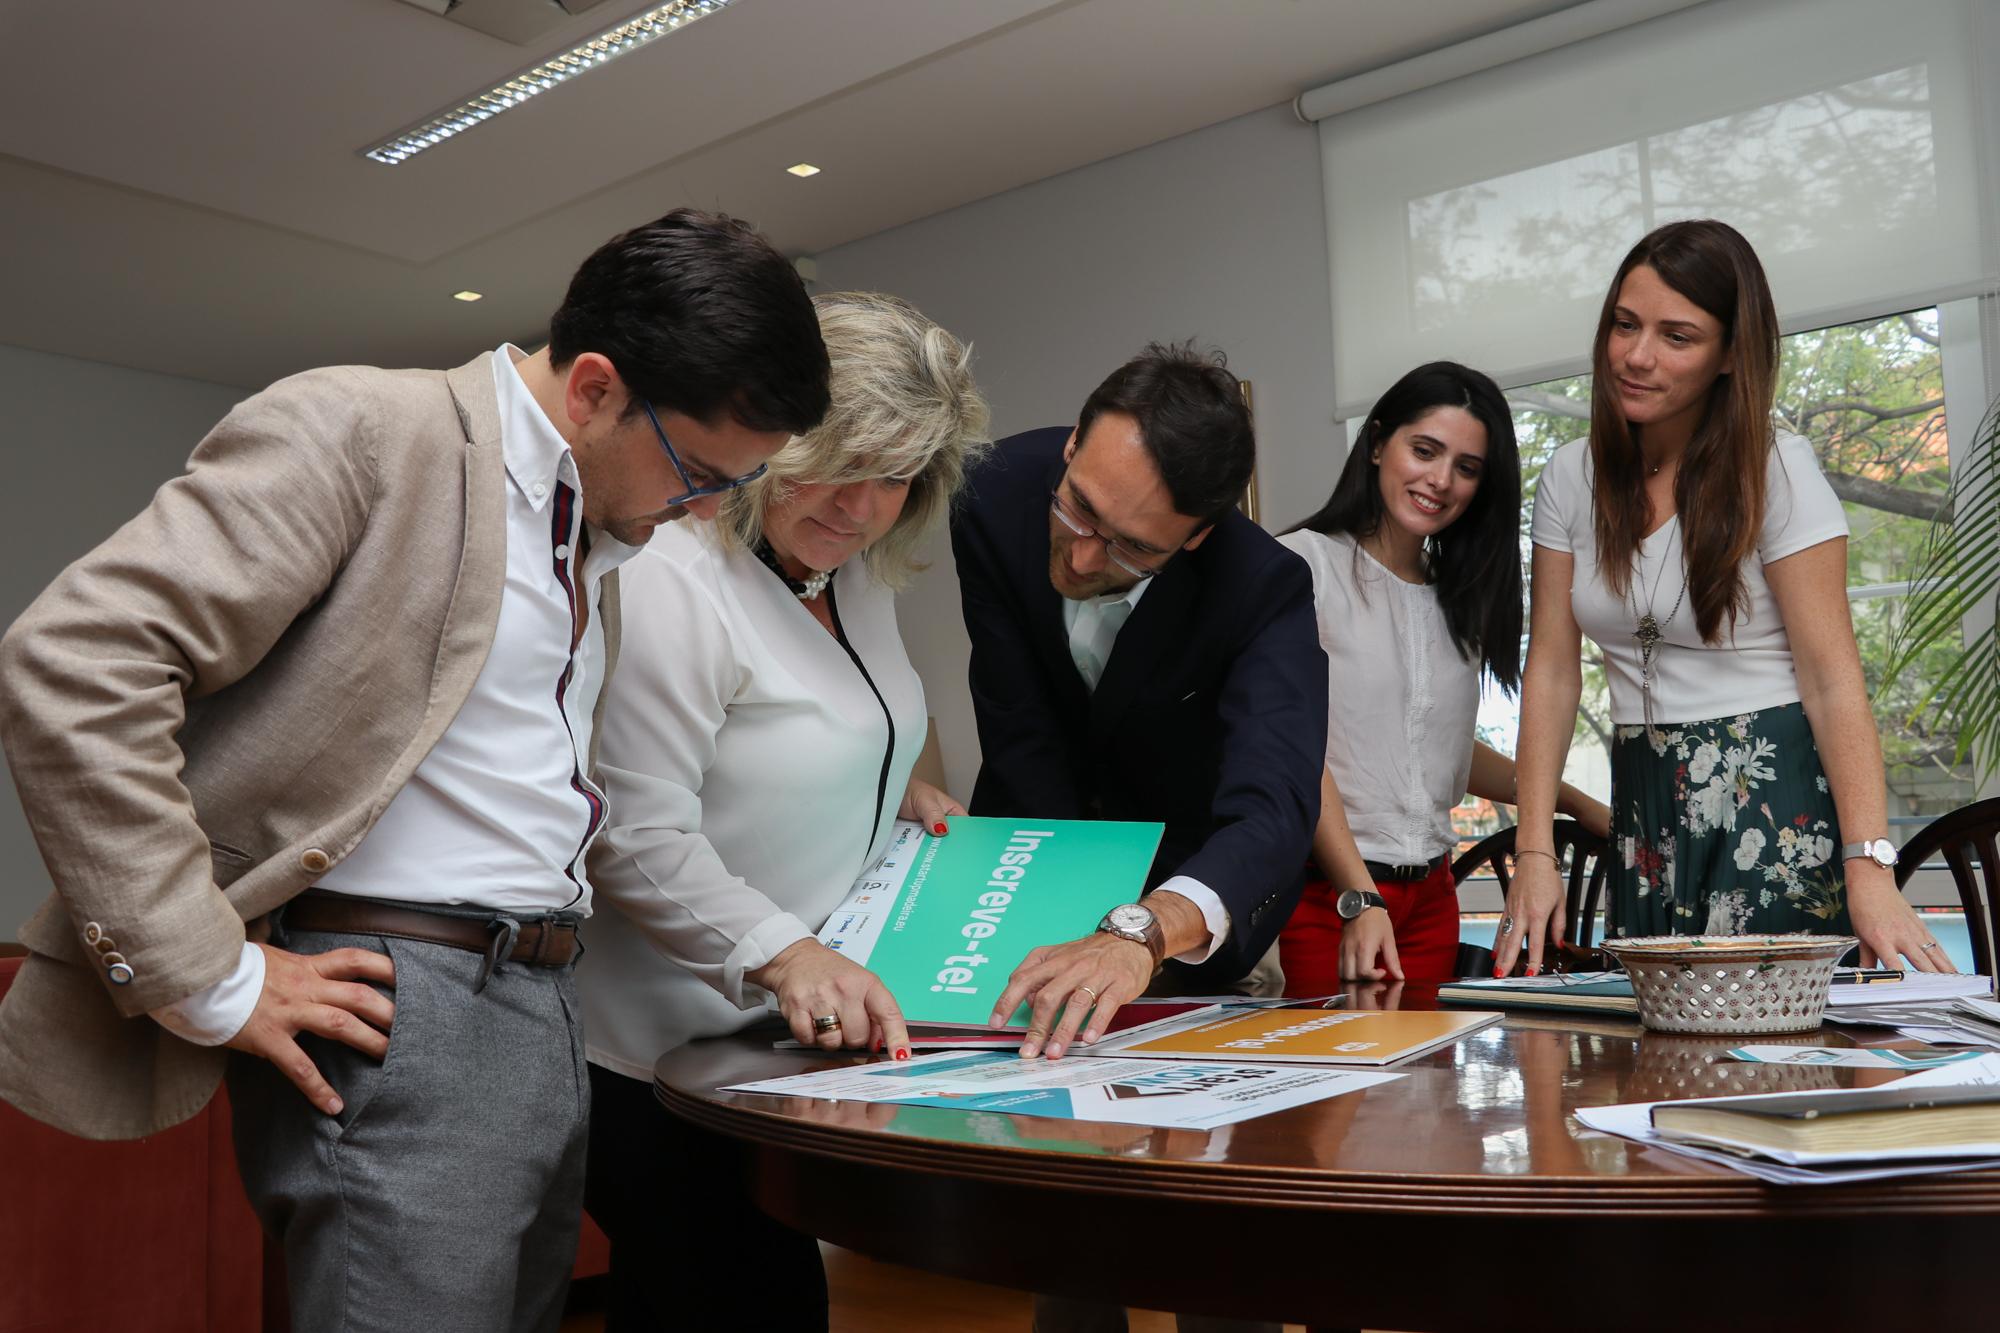 Governo associa-se à divulgação do programa de empreendedorismo 'Start Now'